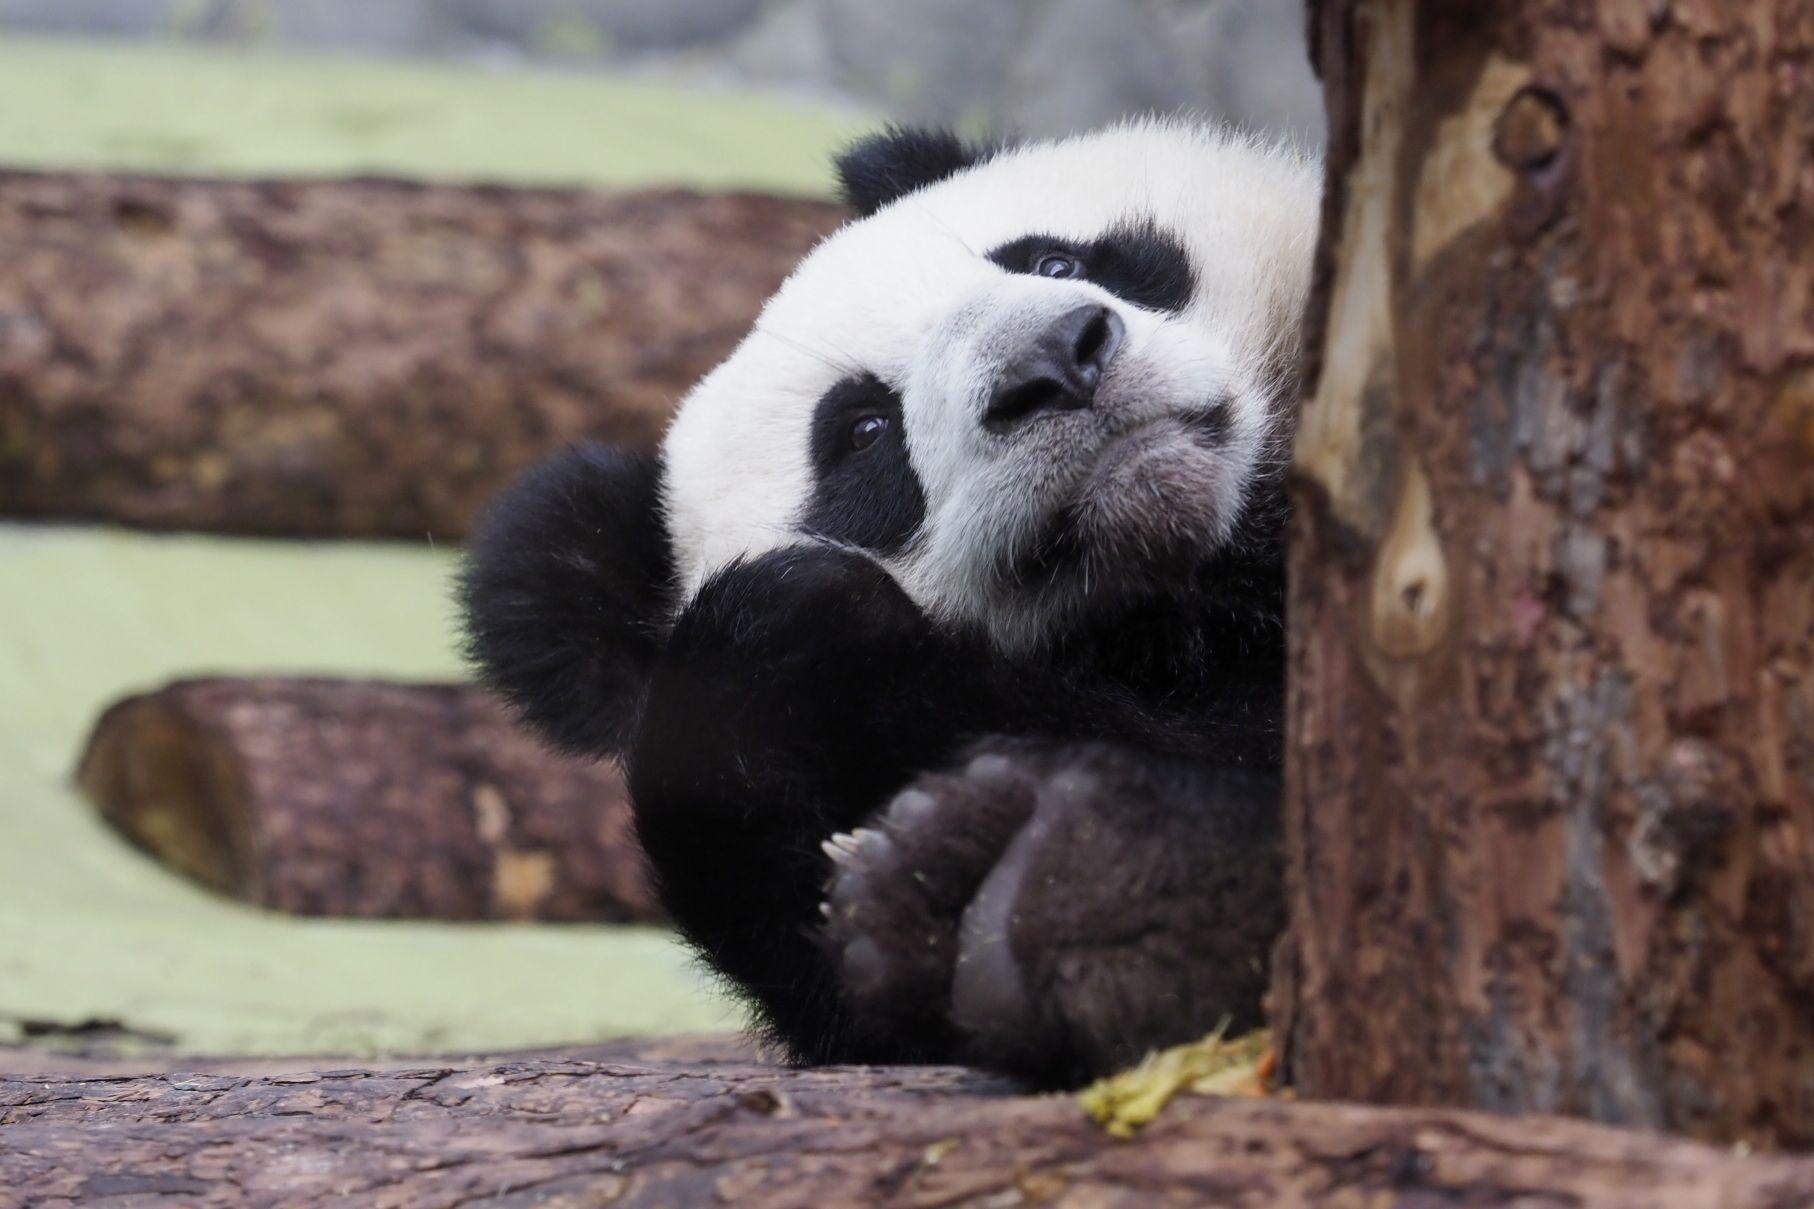 Московский зоопарк выставит на аукцион нарисованные пандами картины